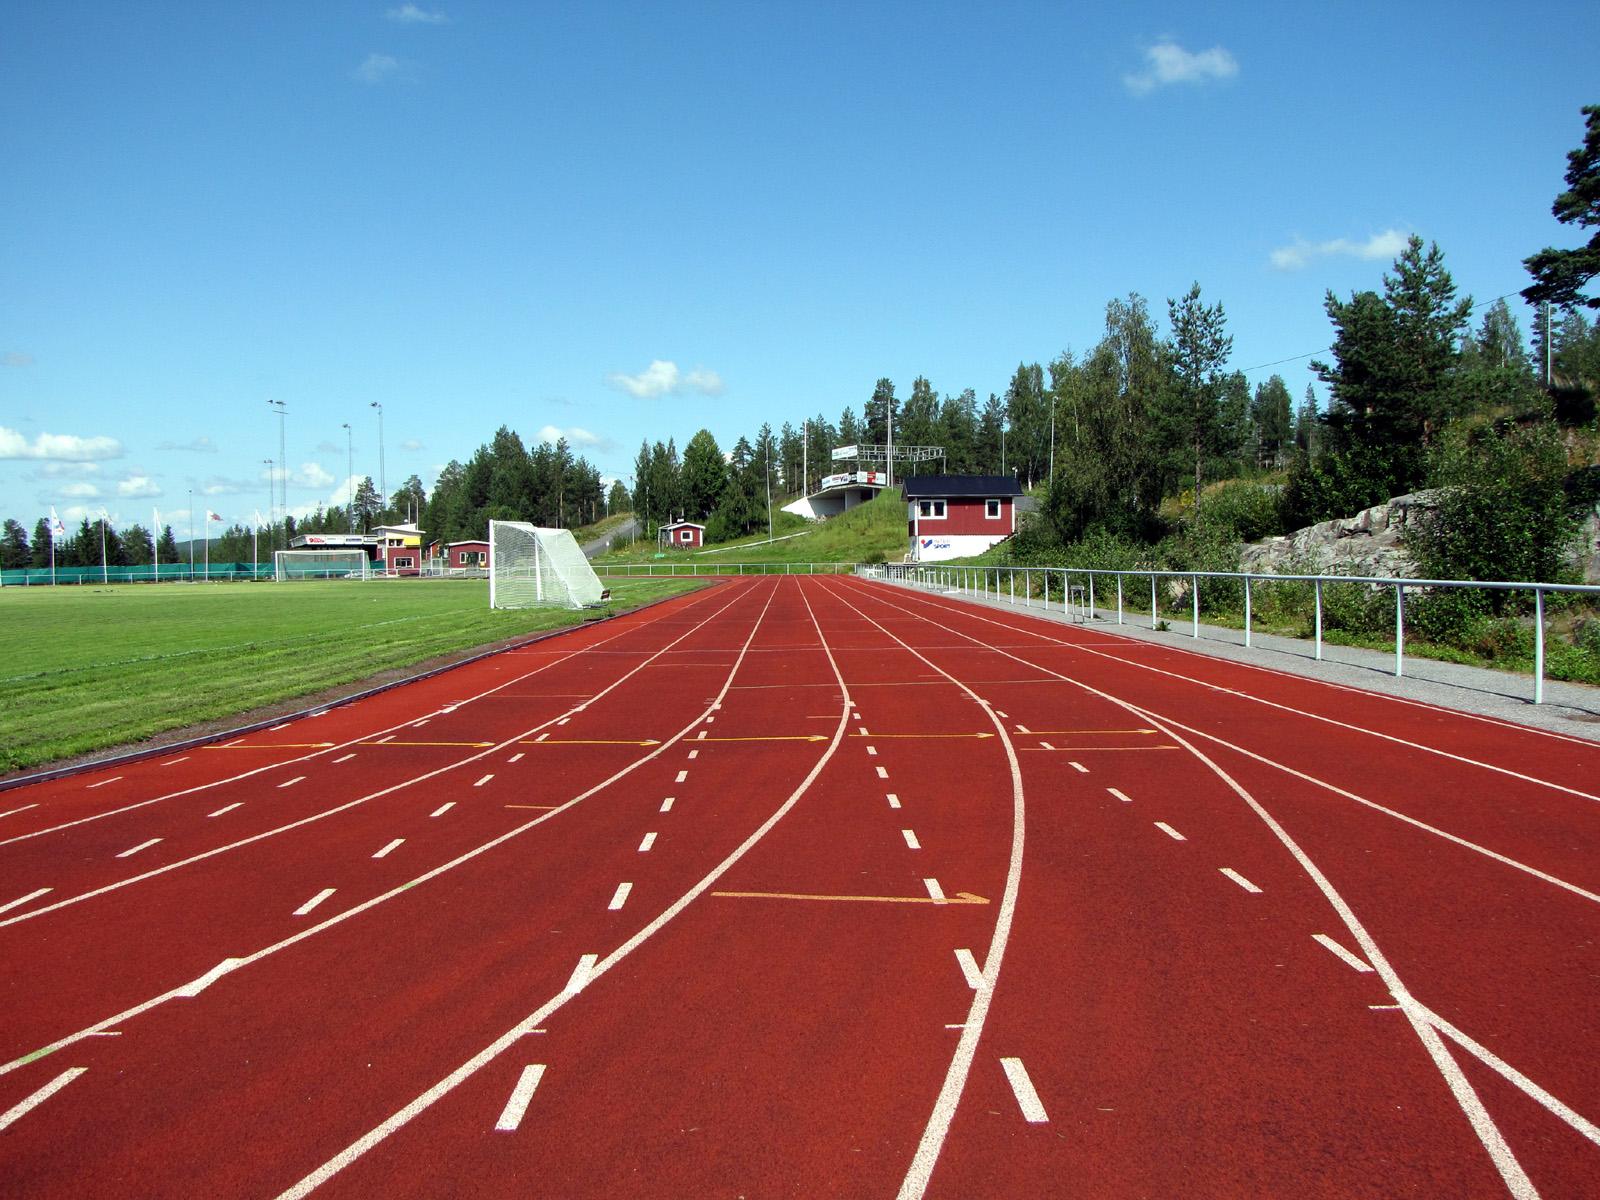 Pin Wallpaper Field Athletics Running Track on Pinterest